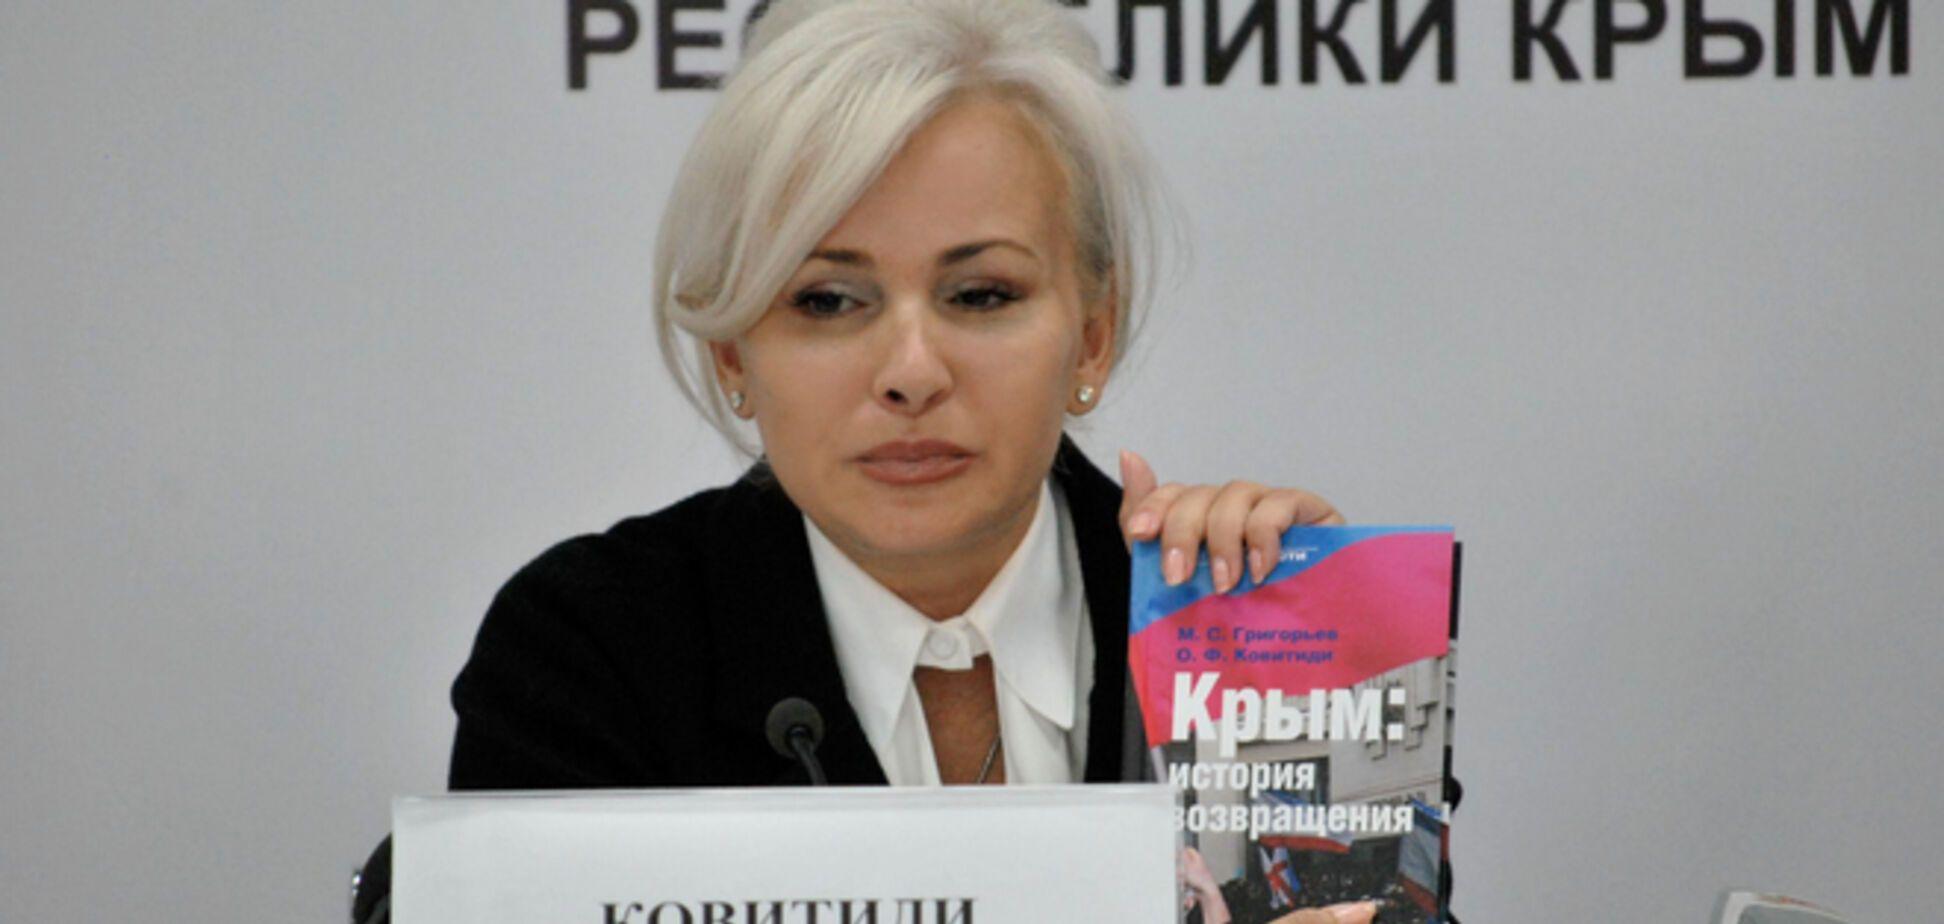 Выдворенная из ПА ОБСЕ 'сенатор' из Совфеда: Украина аннексировала Крым при СССР